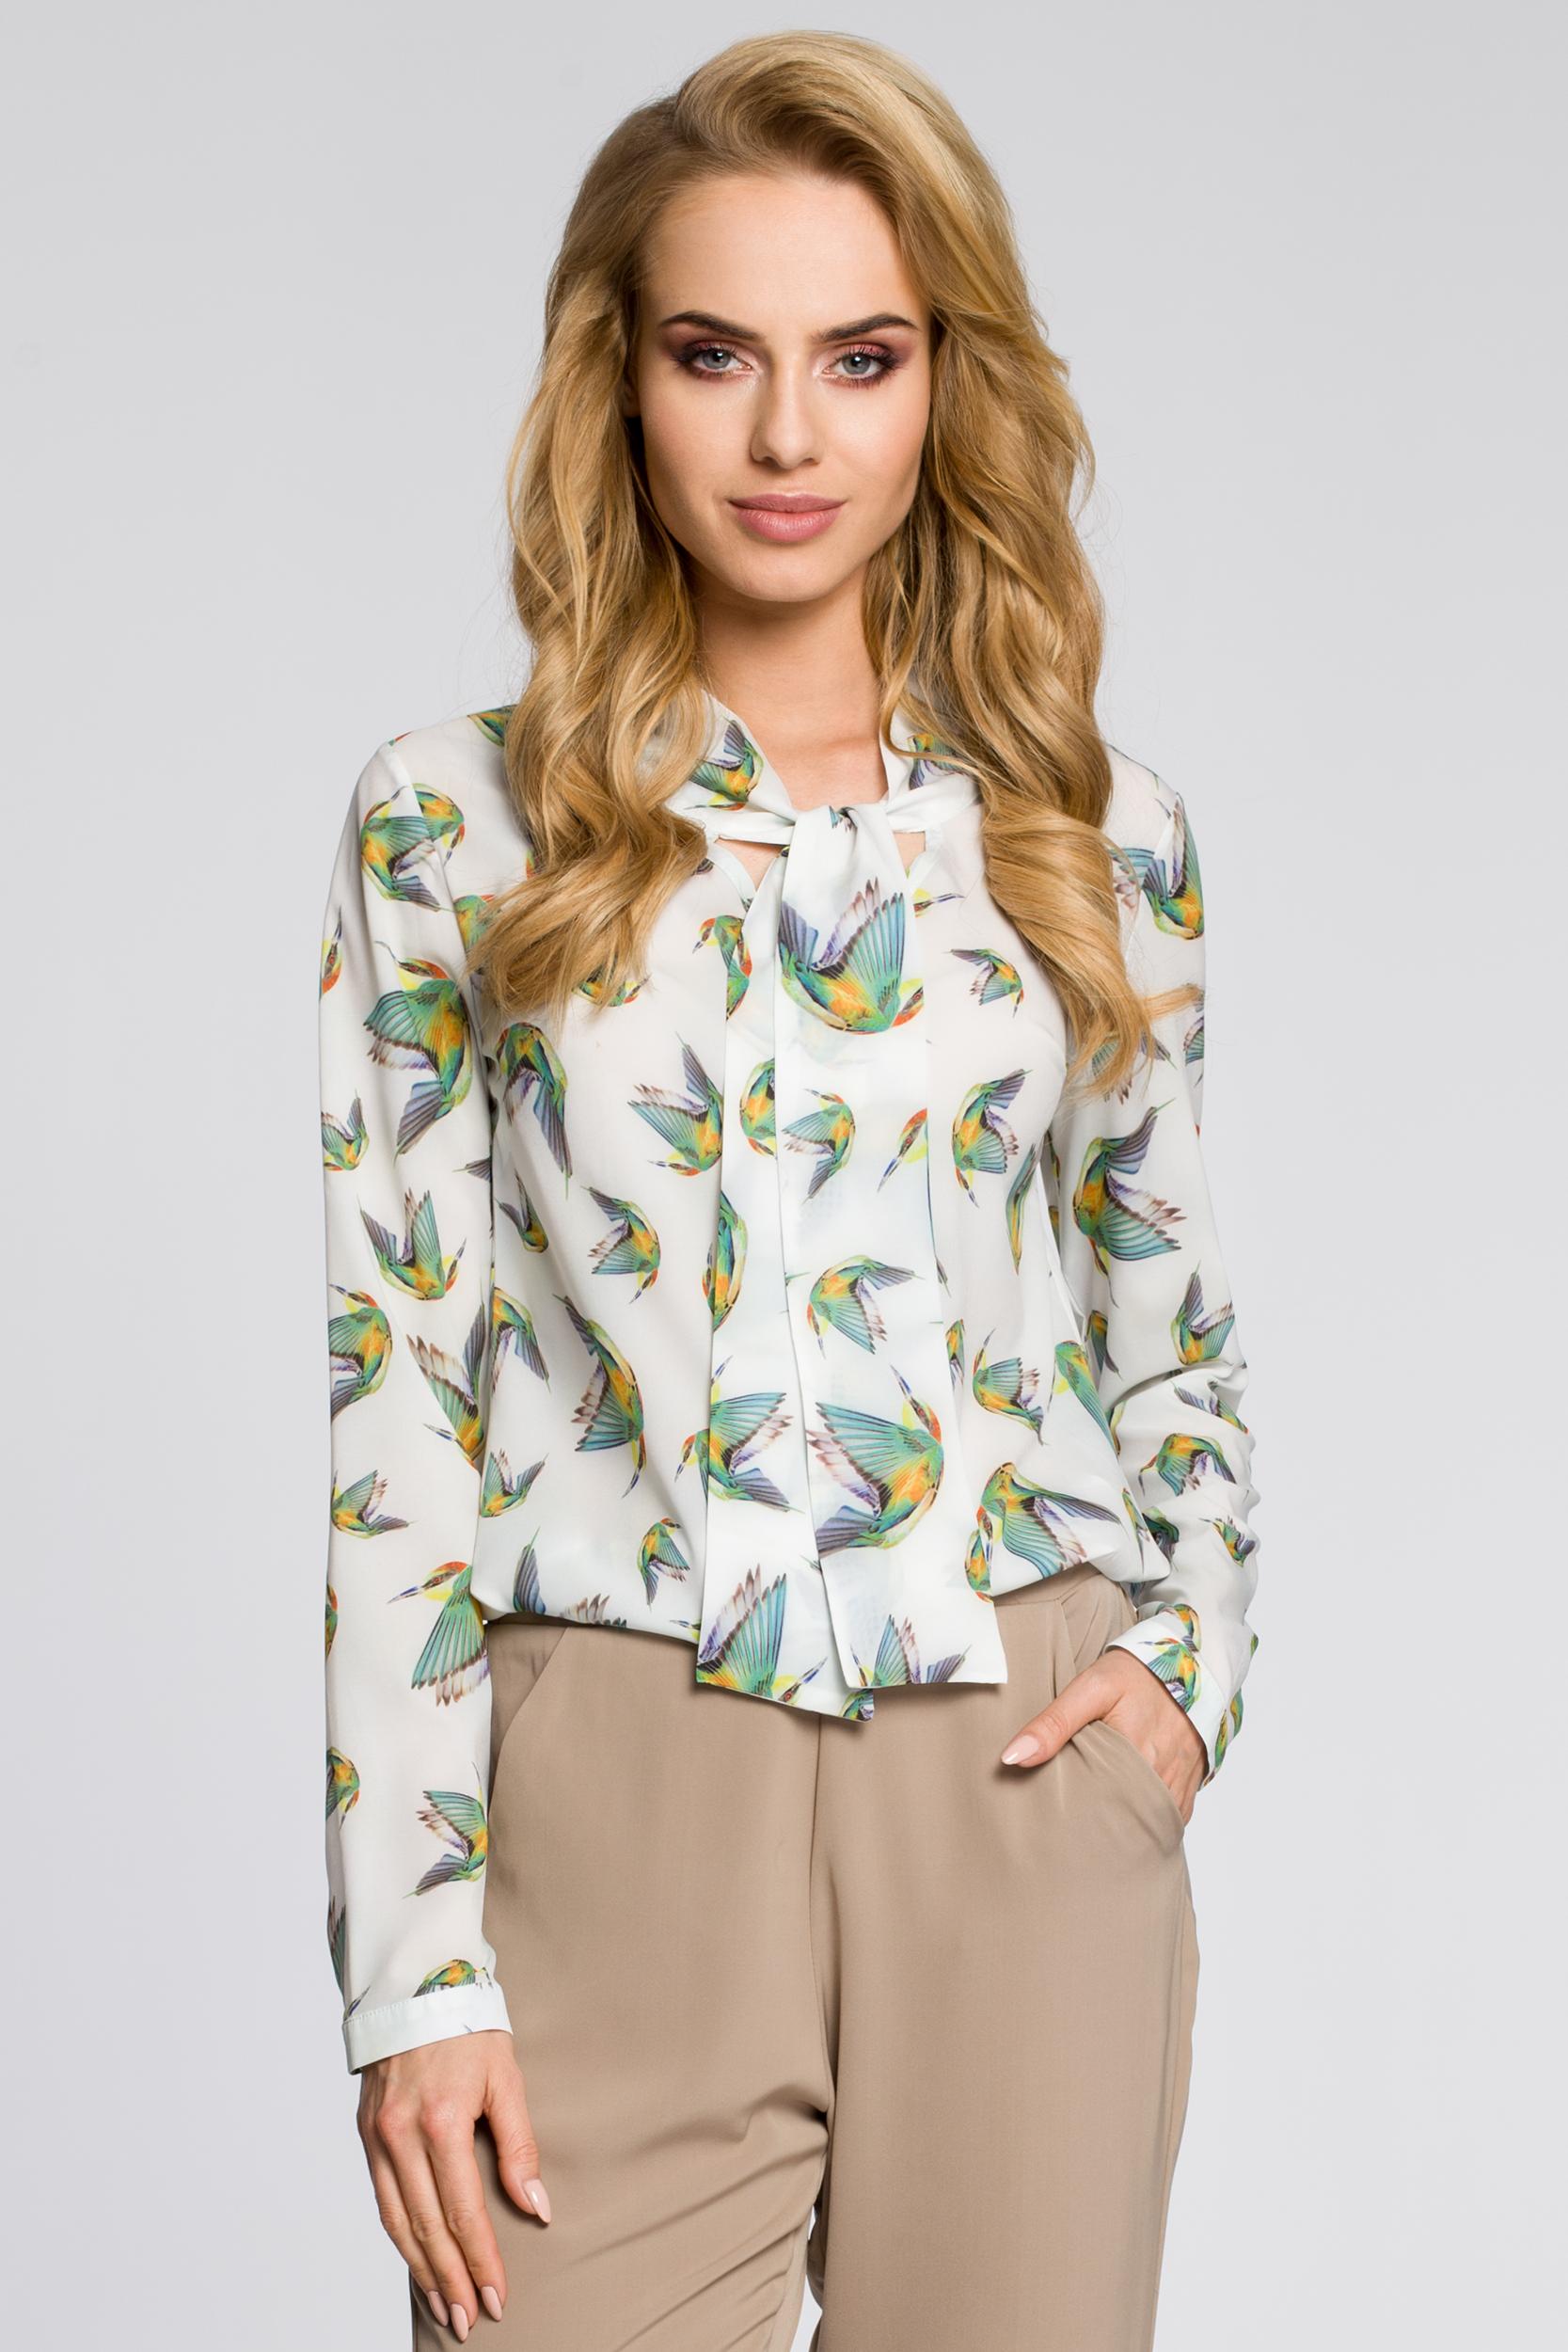 CM2226 Kobieca bluzka koszulowa z kolibrami - ecru